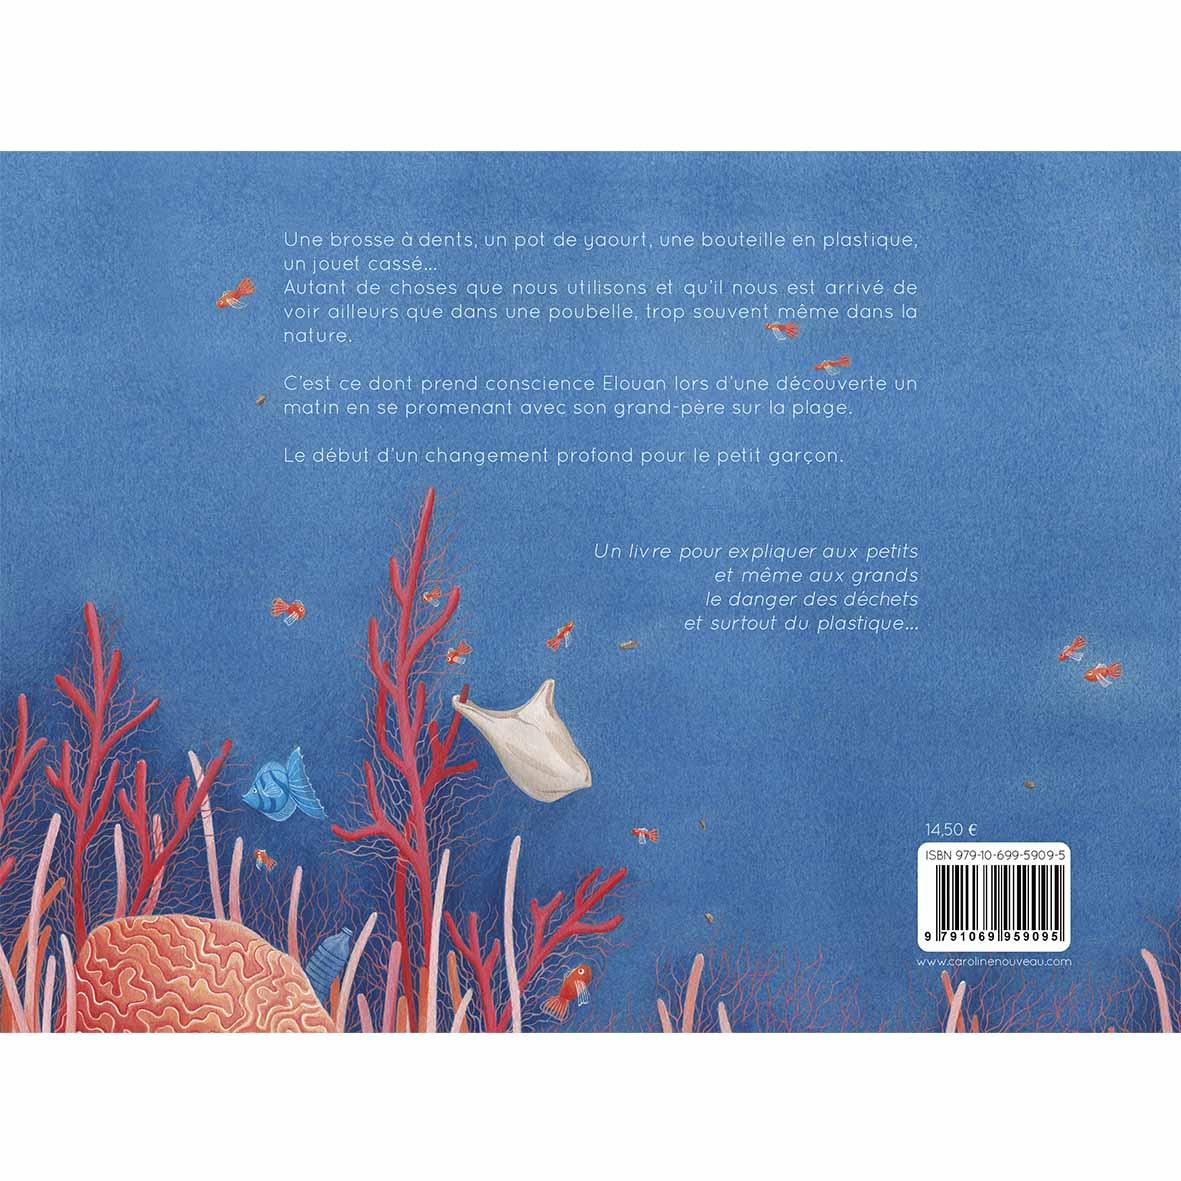 caroline-nouveau-livre-enfants-un-ocean-a-sauver-baleine-bleu-poissons-coraux-quatrieme-couverture